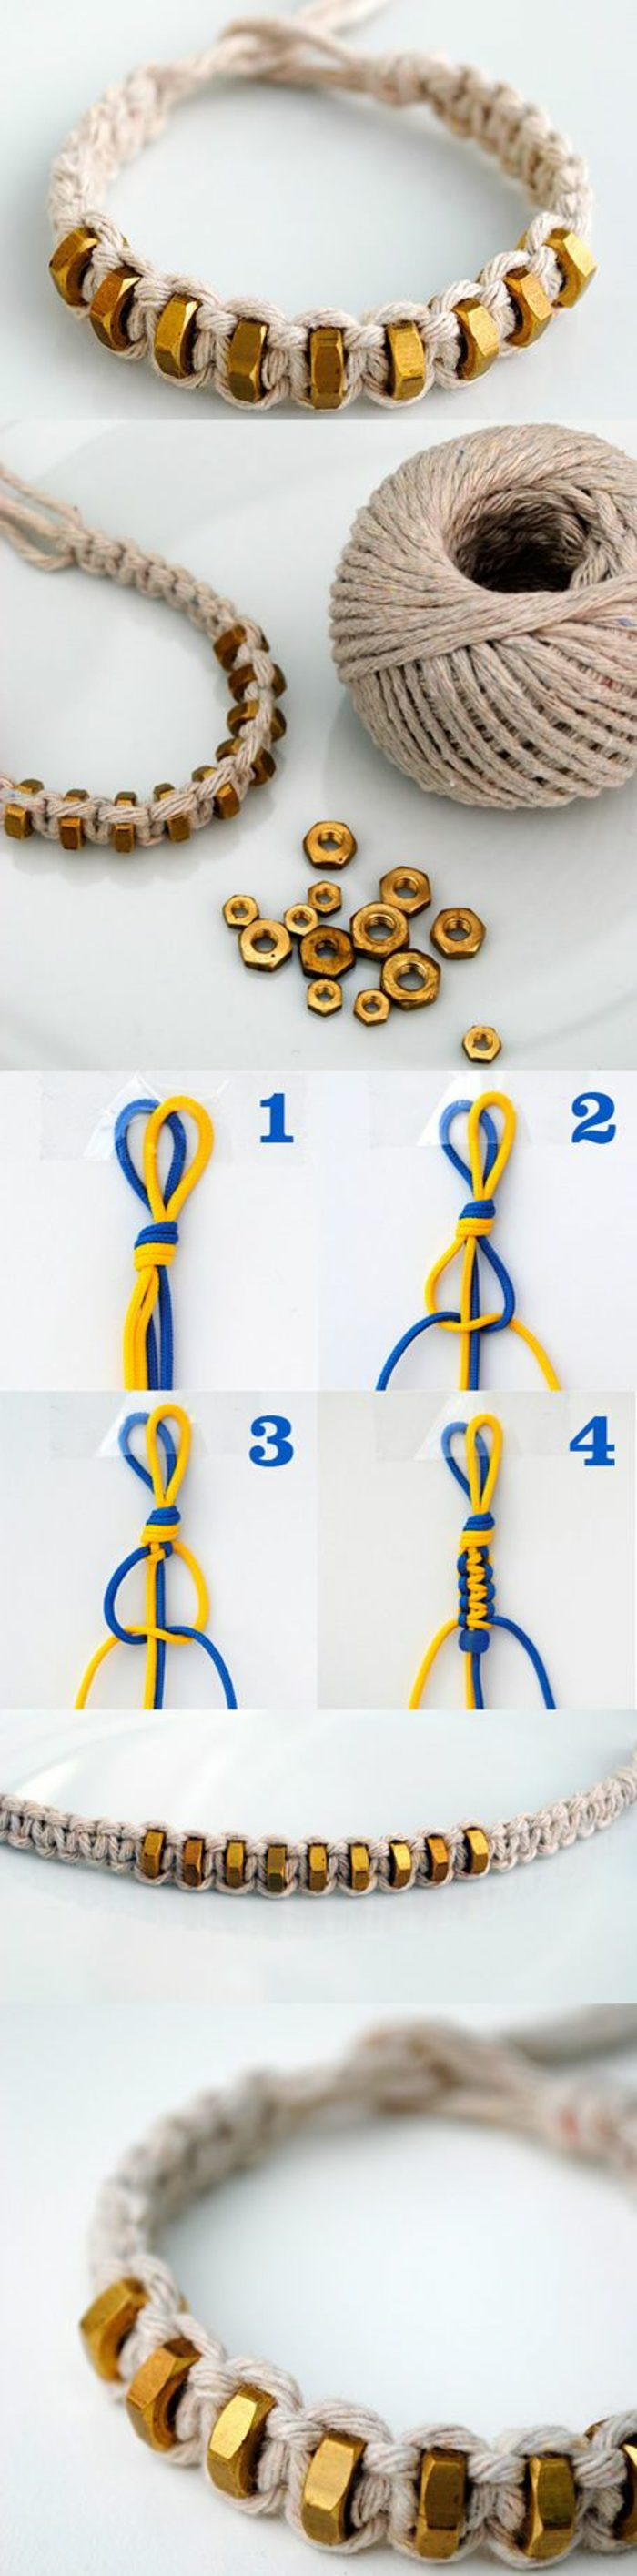 como-hacer-pulseras-de-hilo-pulsera-de-macrame-elementos-de-metal-decoración-simple-de-elaborar